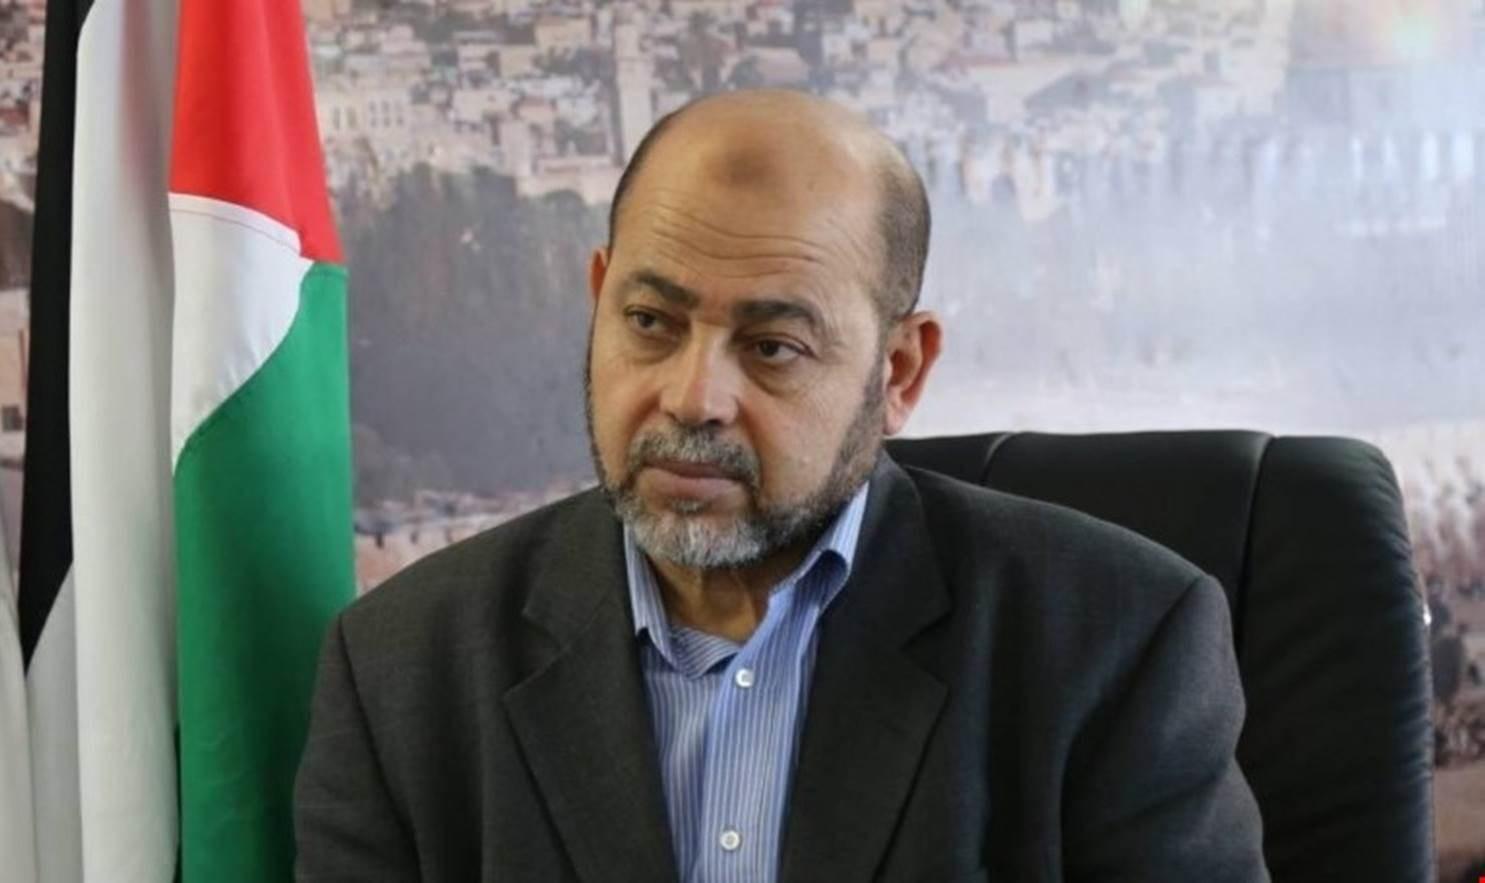 حماس: الضفة الغربية هي لبّ الصراع في مرحلتنا الحالية